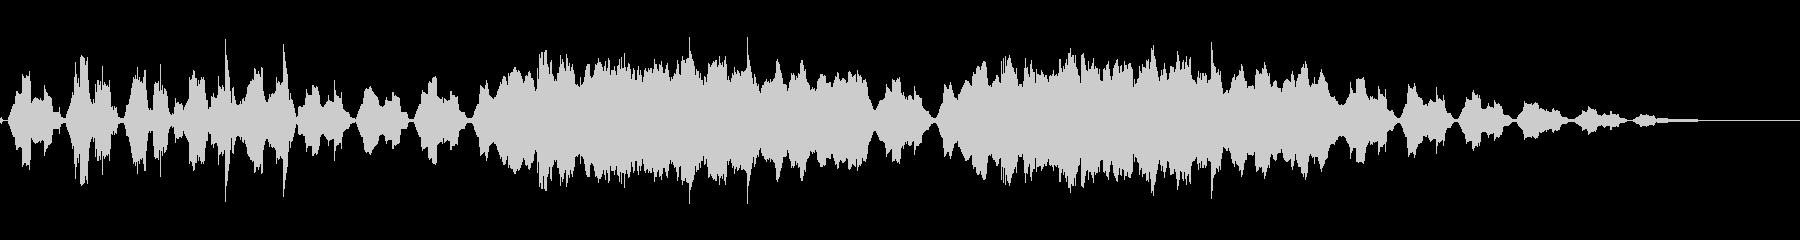 心が落ち着くバックグラウンドミュージックの未再生の波形